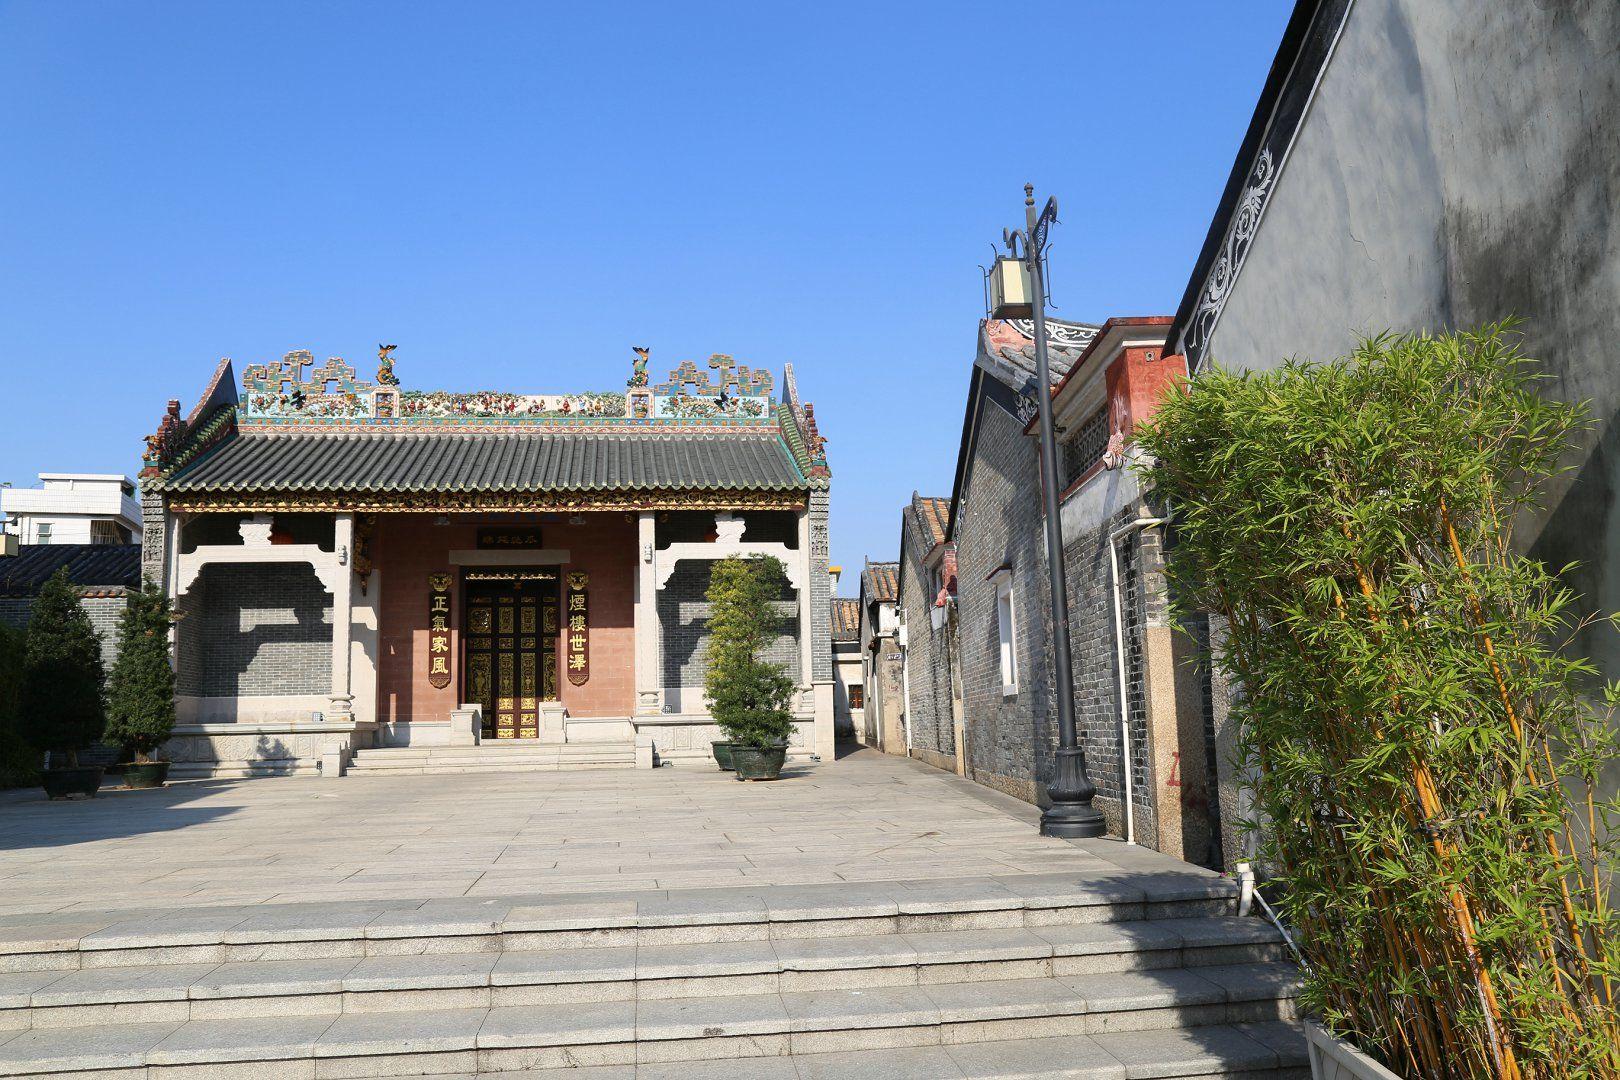 第五届中国深圳旅游博览会举行 200名深圳市民参与体验